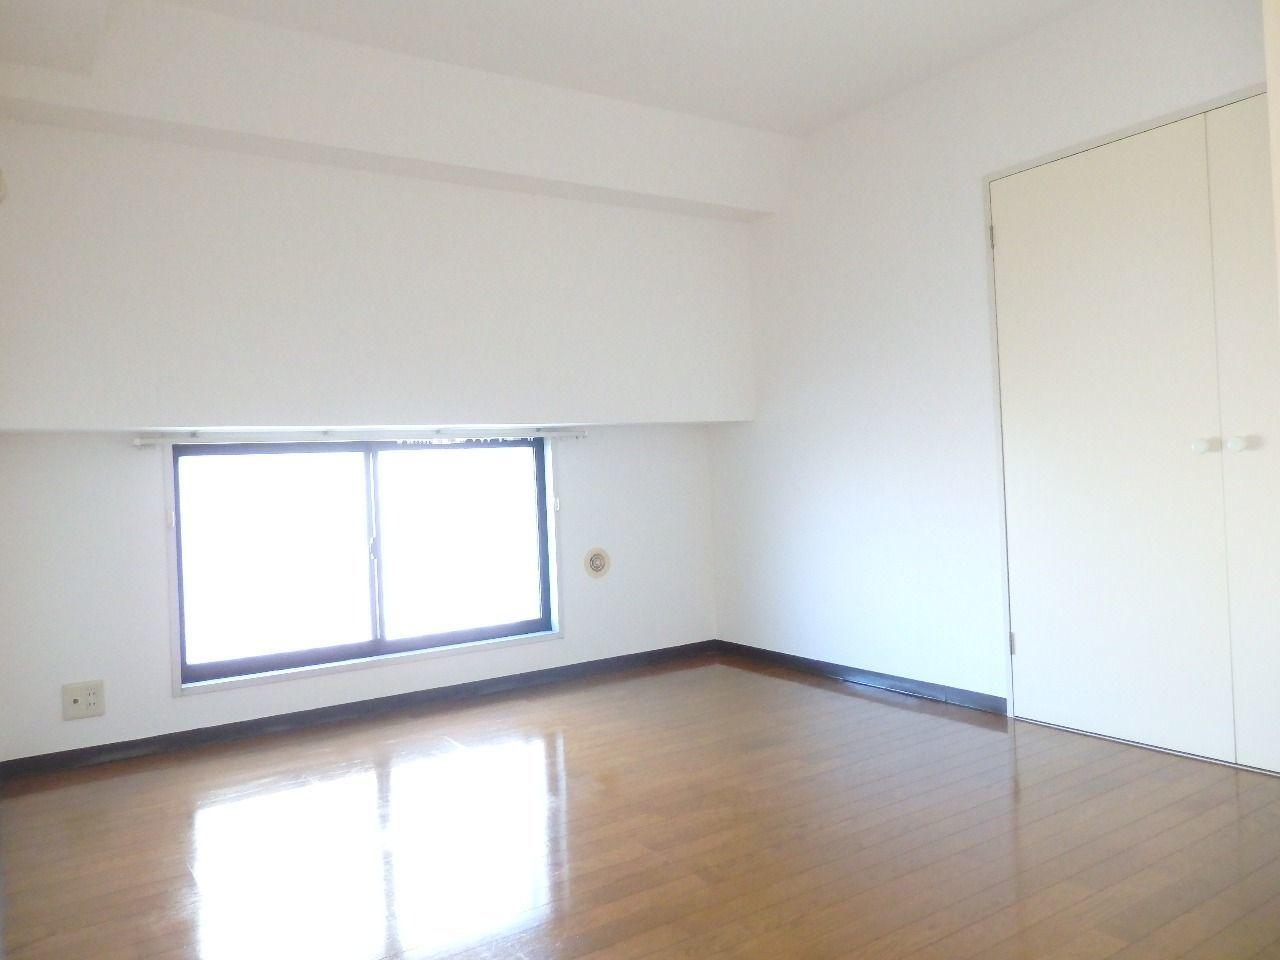 中部屋にもかかわらずエアコンダクトが完備されていますので設置は可能です。